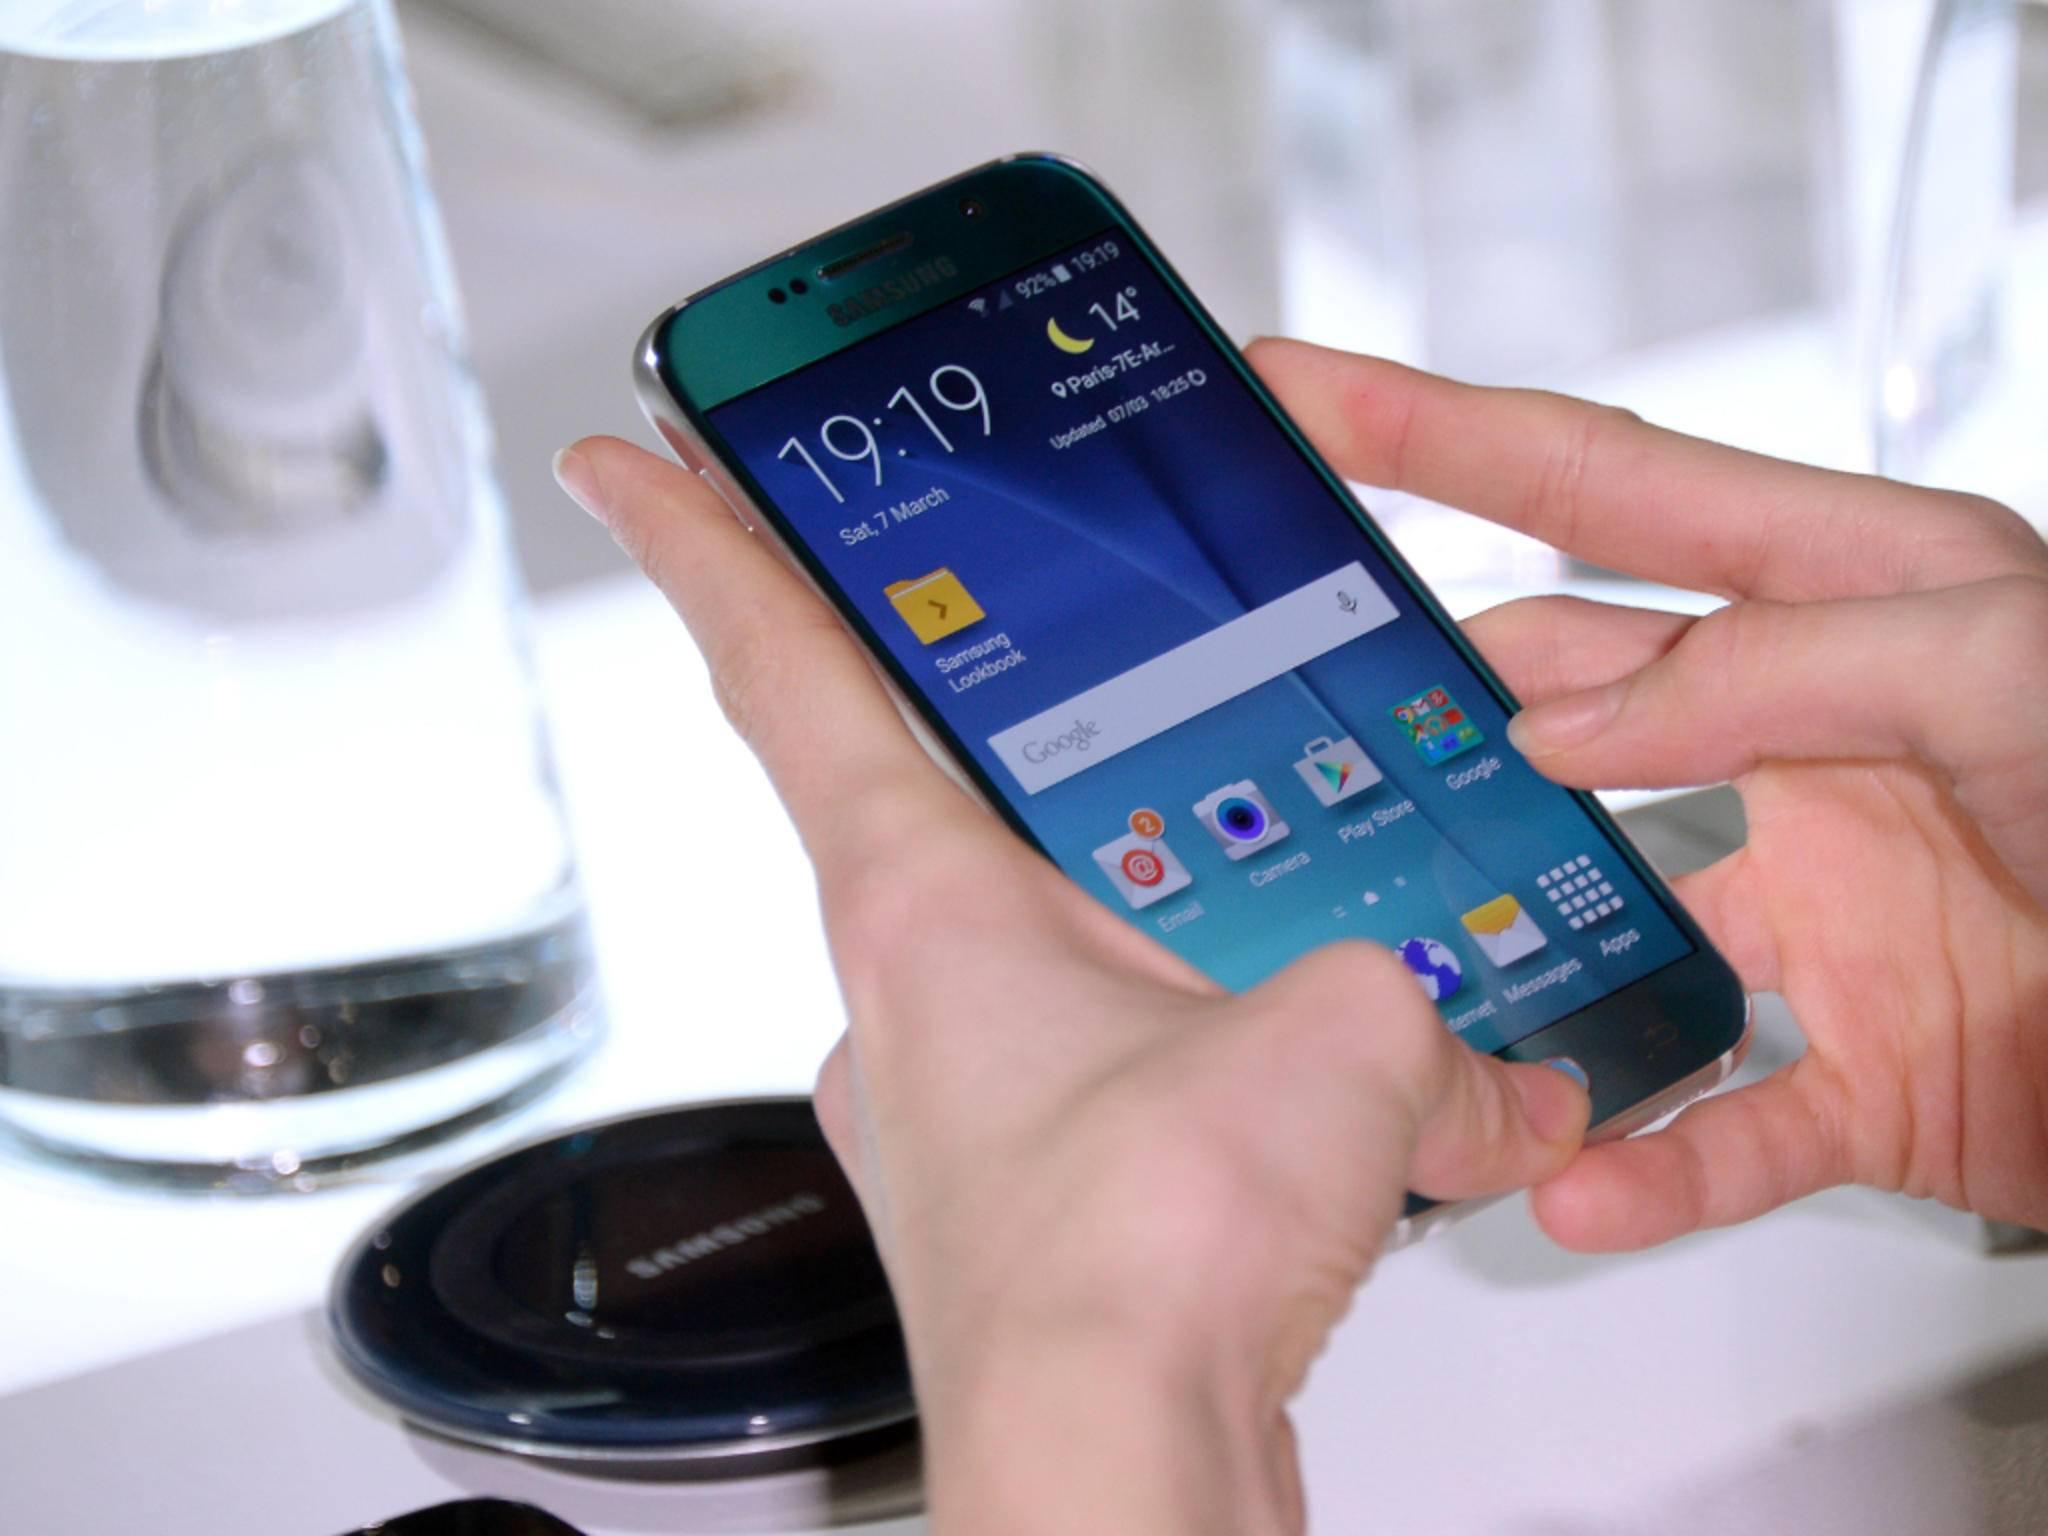 Wird Android M einen Fingerabdruck-Erkennung haben? Bislang gibt's das für Android nur von Herstellern wie Samsung.